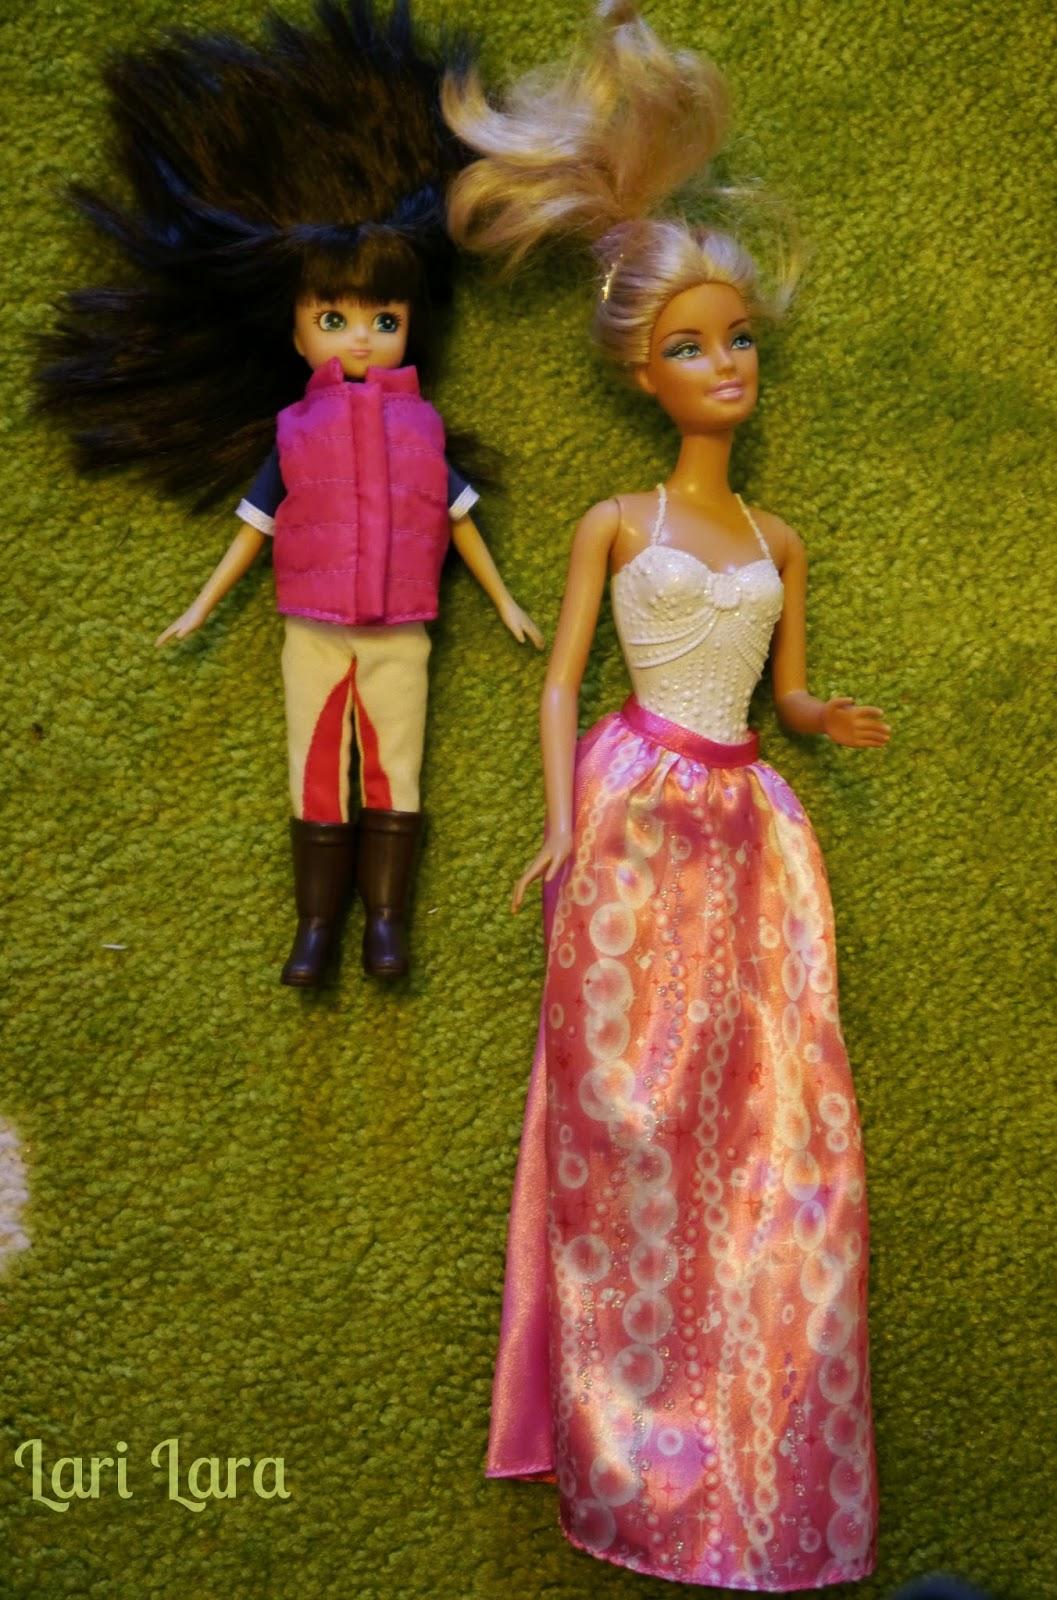 Lottie im Vergleich mit Barbie